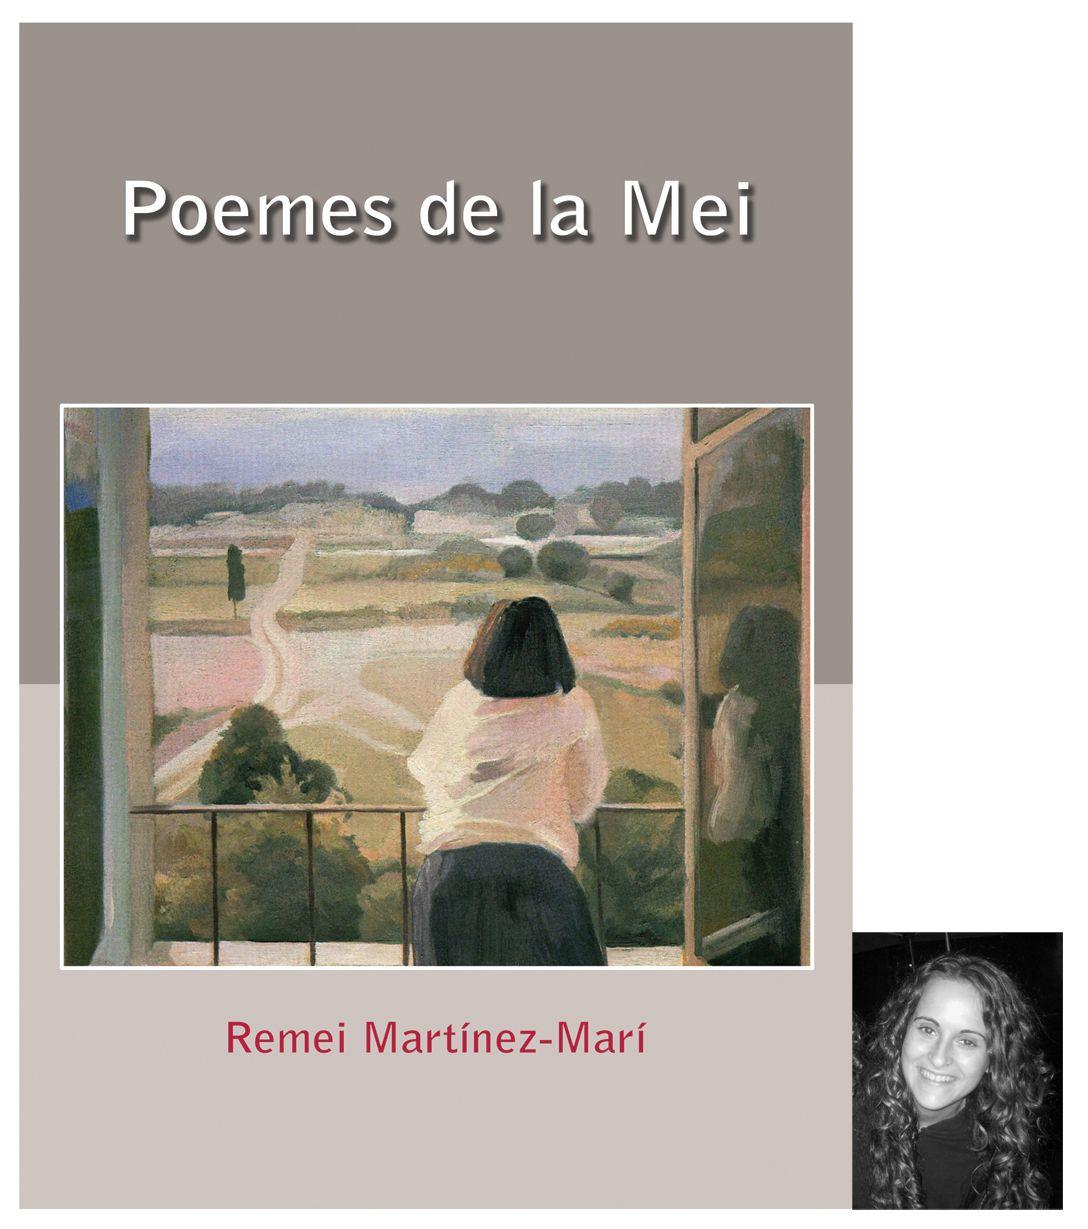 Poemes de la Mei, d'Irene Armangué